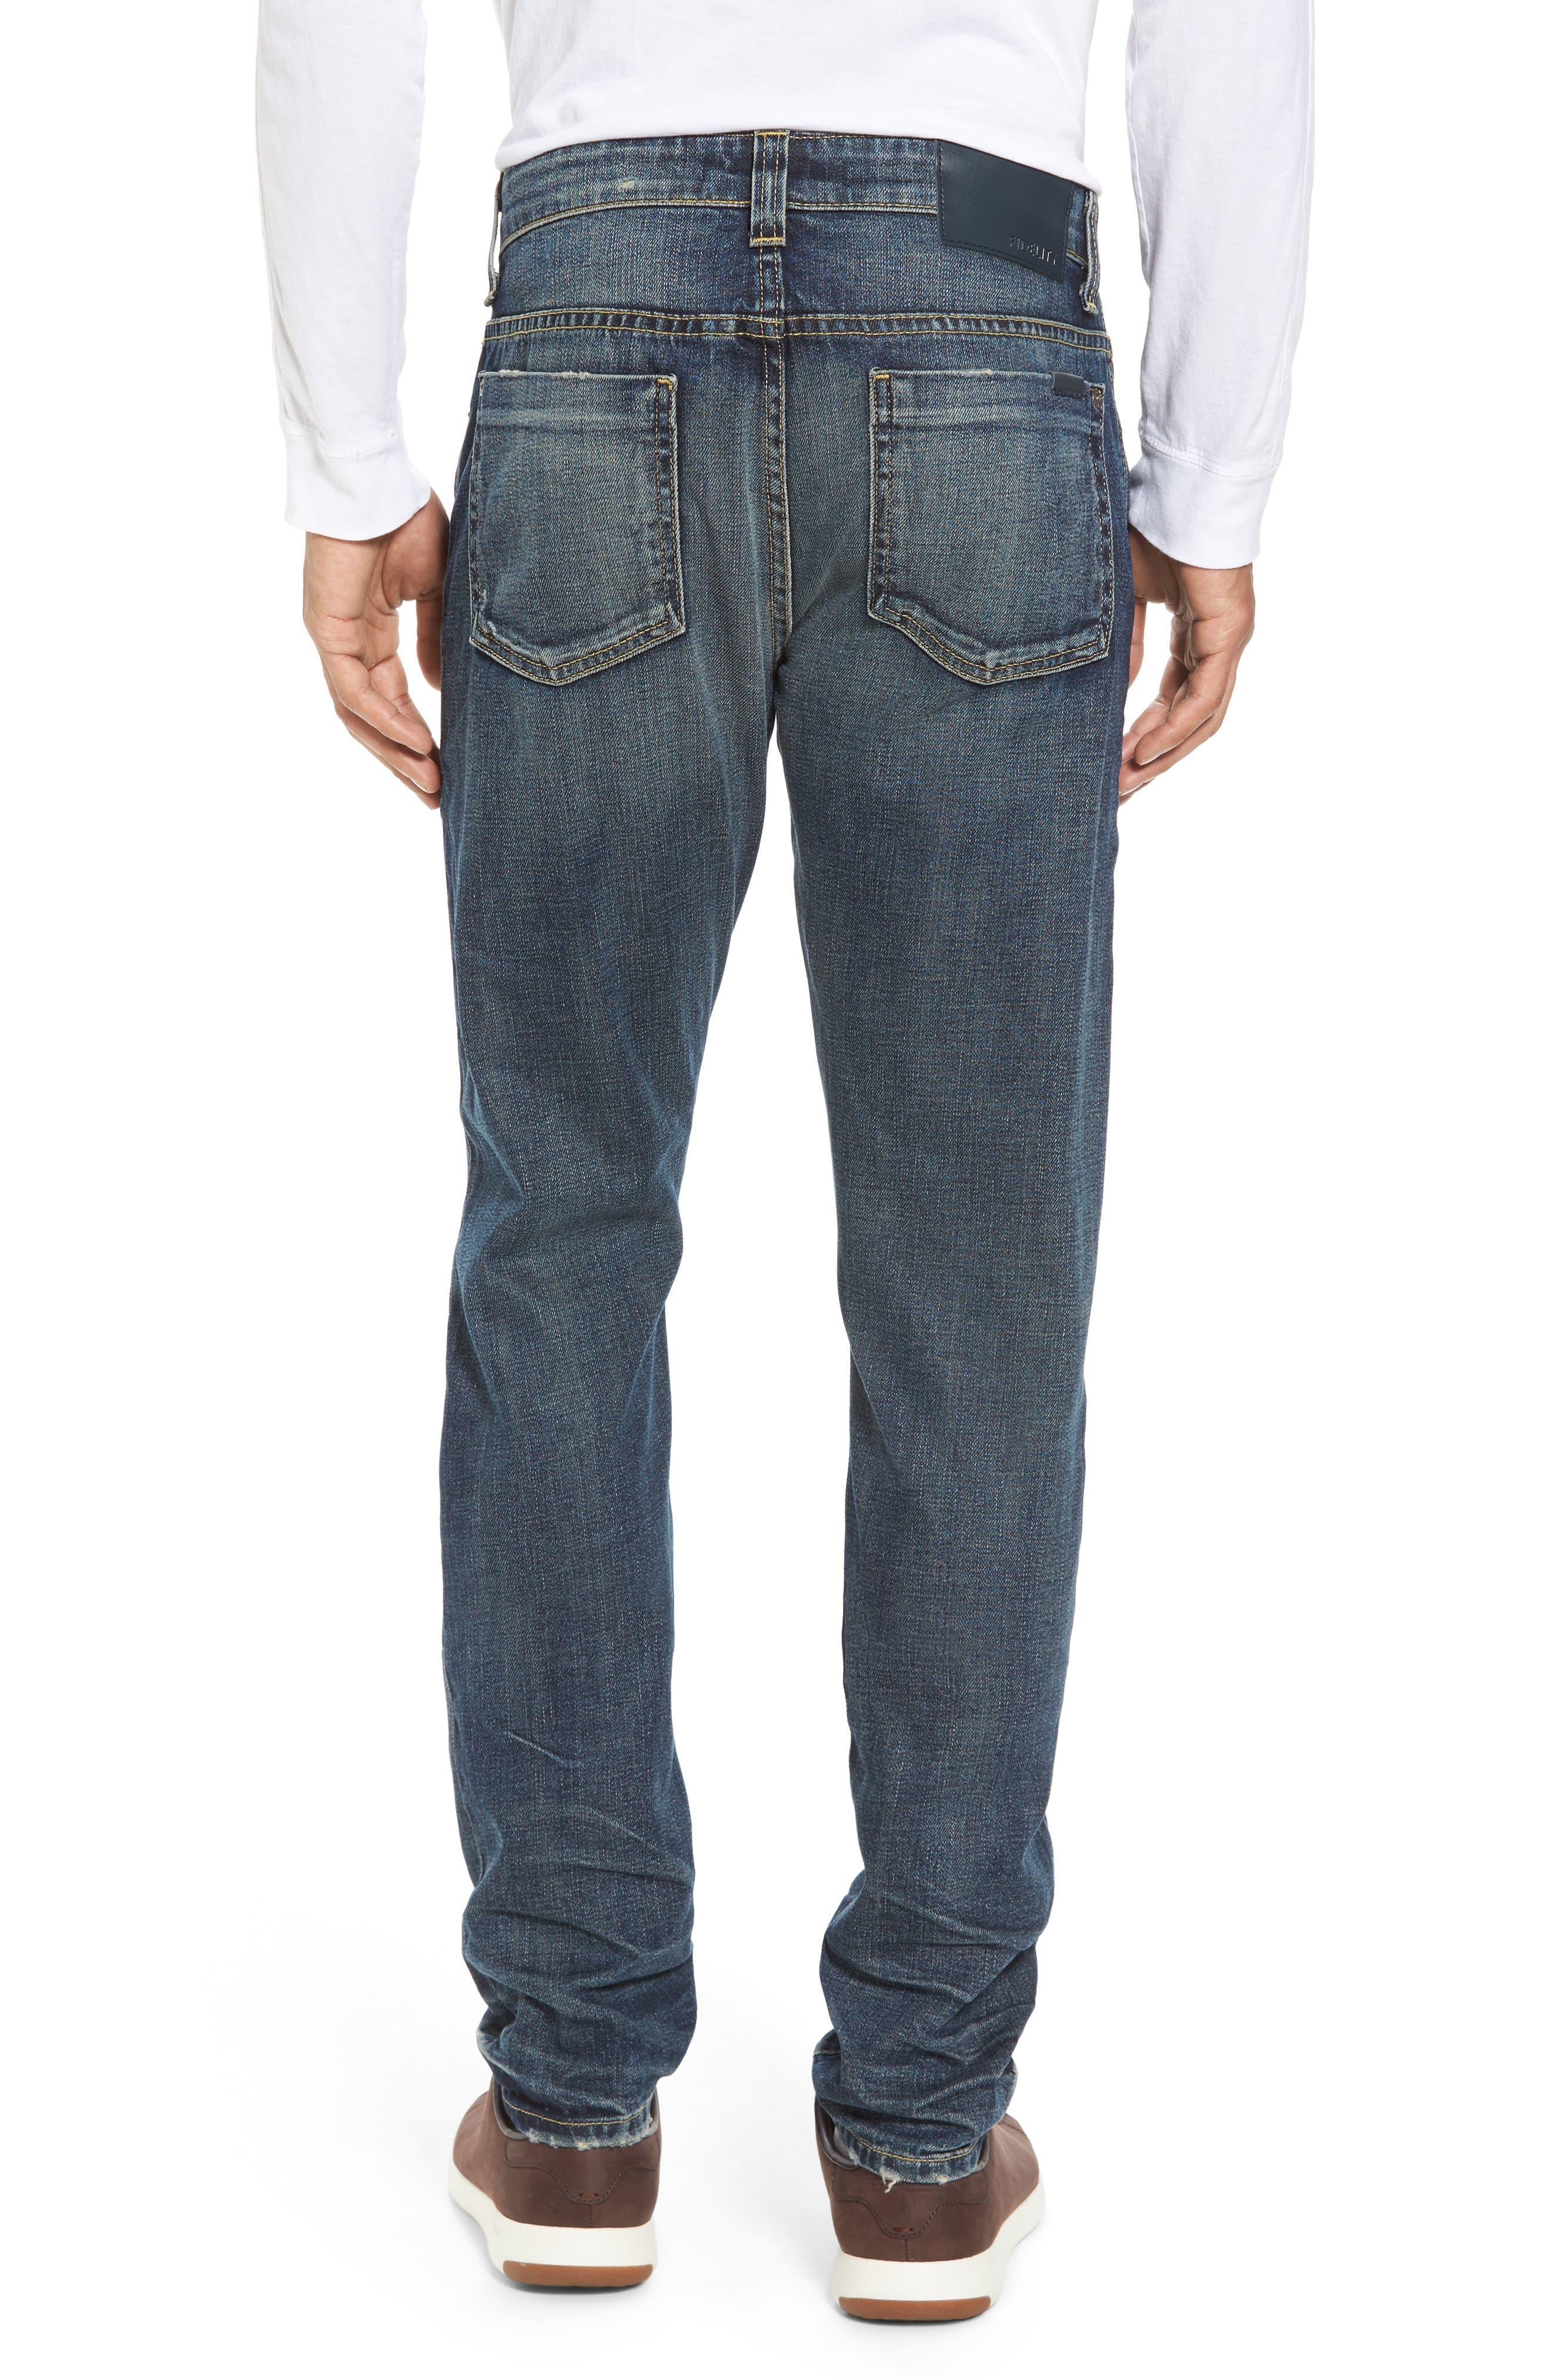 Fideltiy Denim Torino Slim Fit Jeans,                             Alternate thumbnail 2, color,                             400